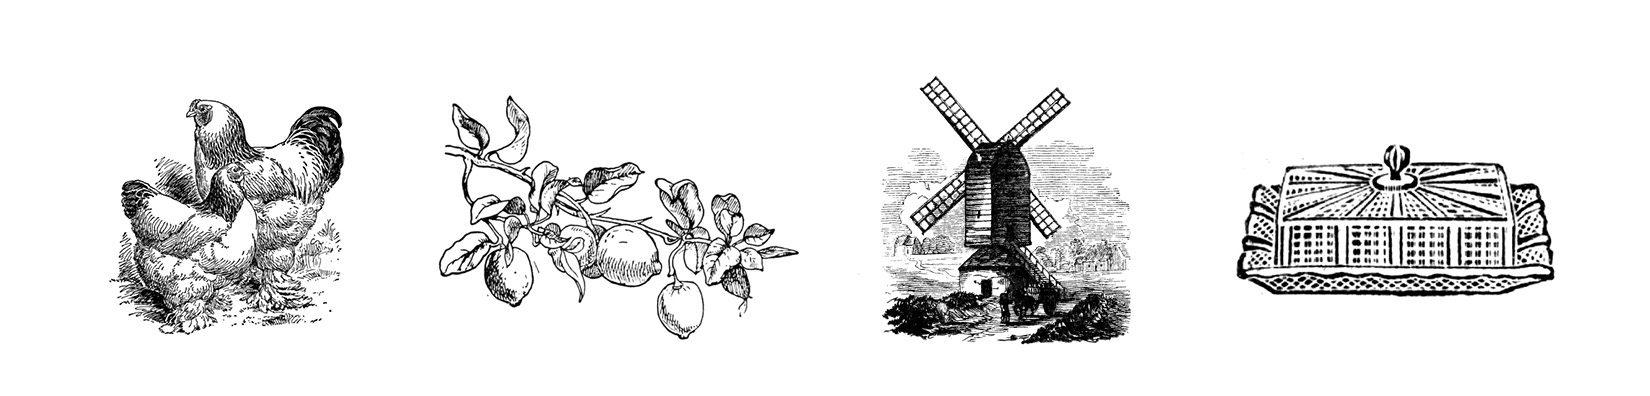 collections de gravures anciennes, pour illustrer les supports de communication de la start-up bio et locale, la madeleine volante